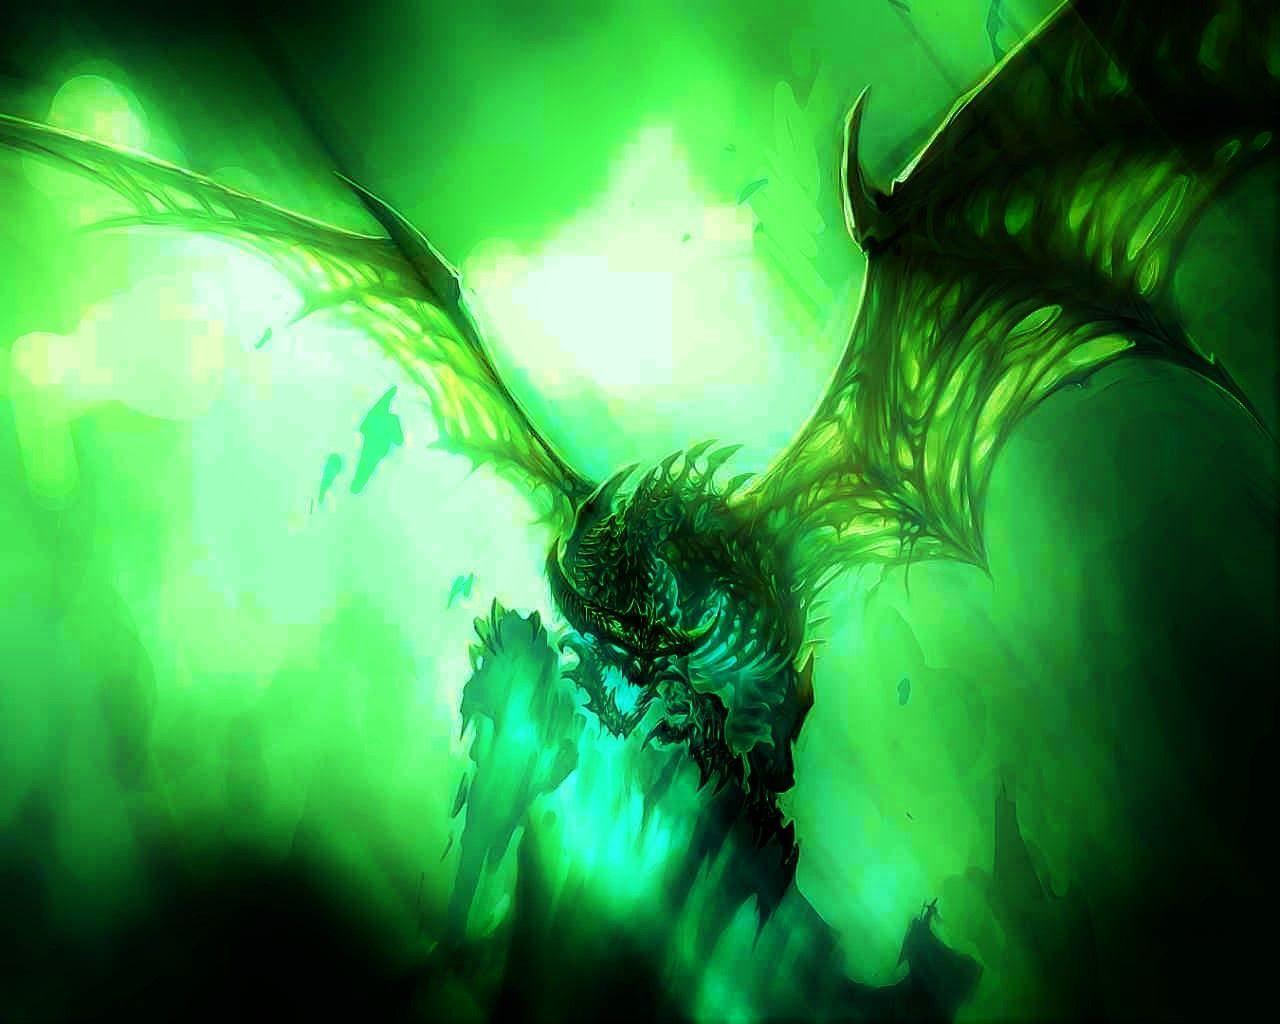 11320 - Un dragón como mascota y un coche nuevecito. ¿Cuál crees que te tocará?